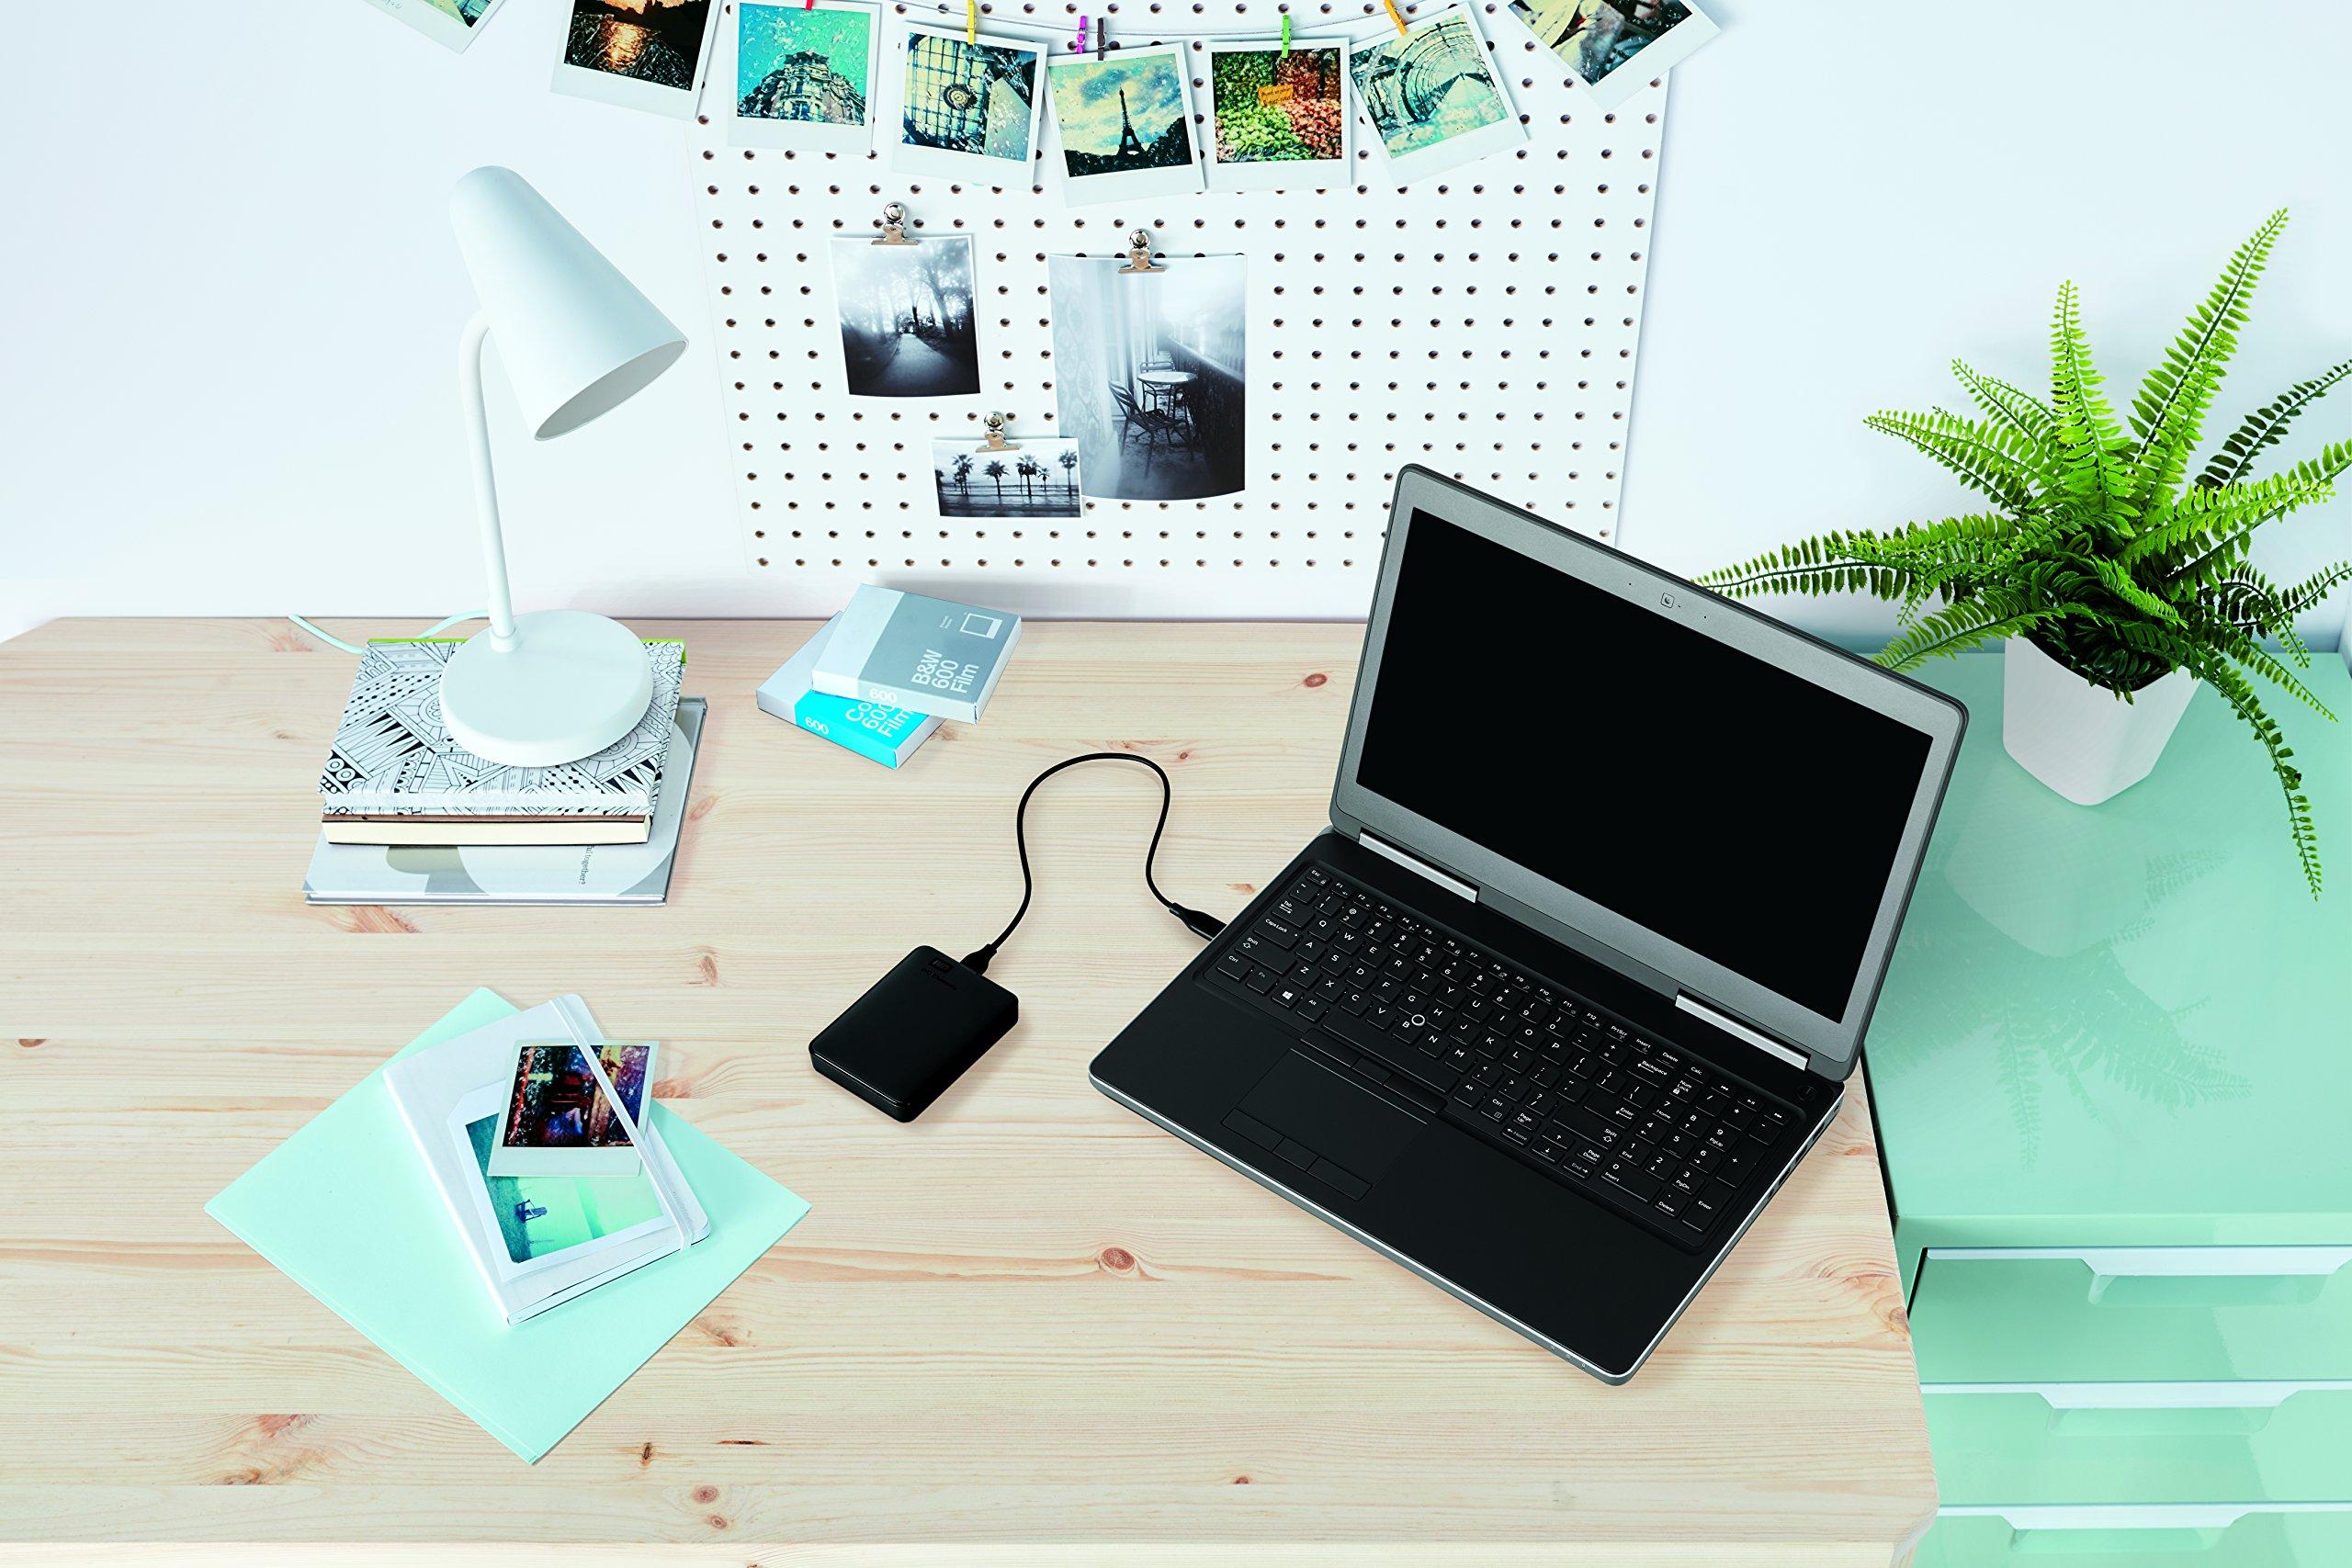 WD 3TB Elements Portable External Hard Drive - USB 3.0 - WDBU6Y0030BBK-WESN by Western Digital (Image #2)